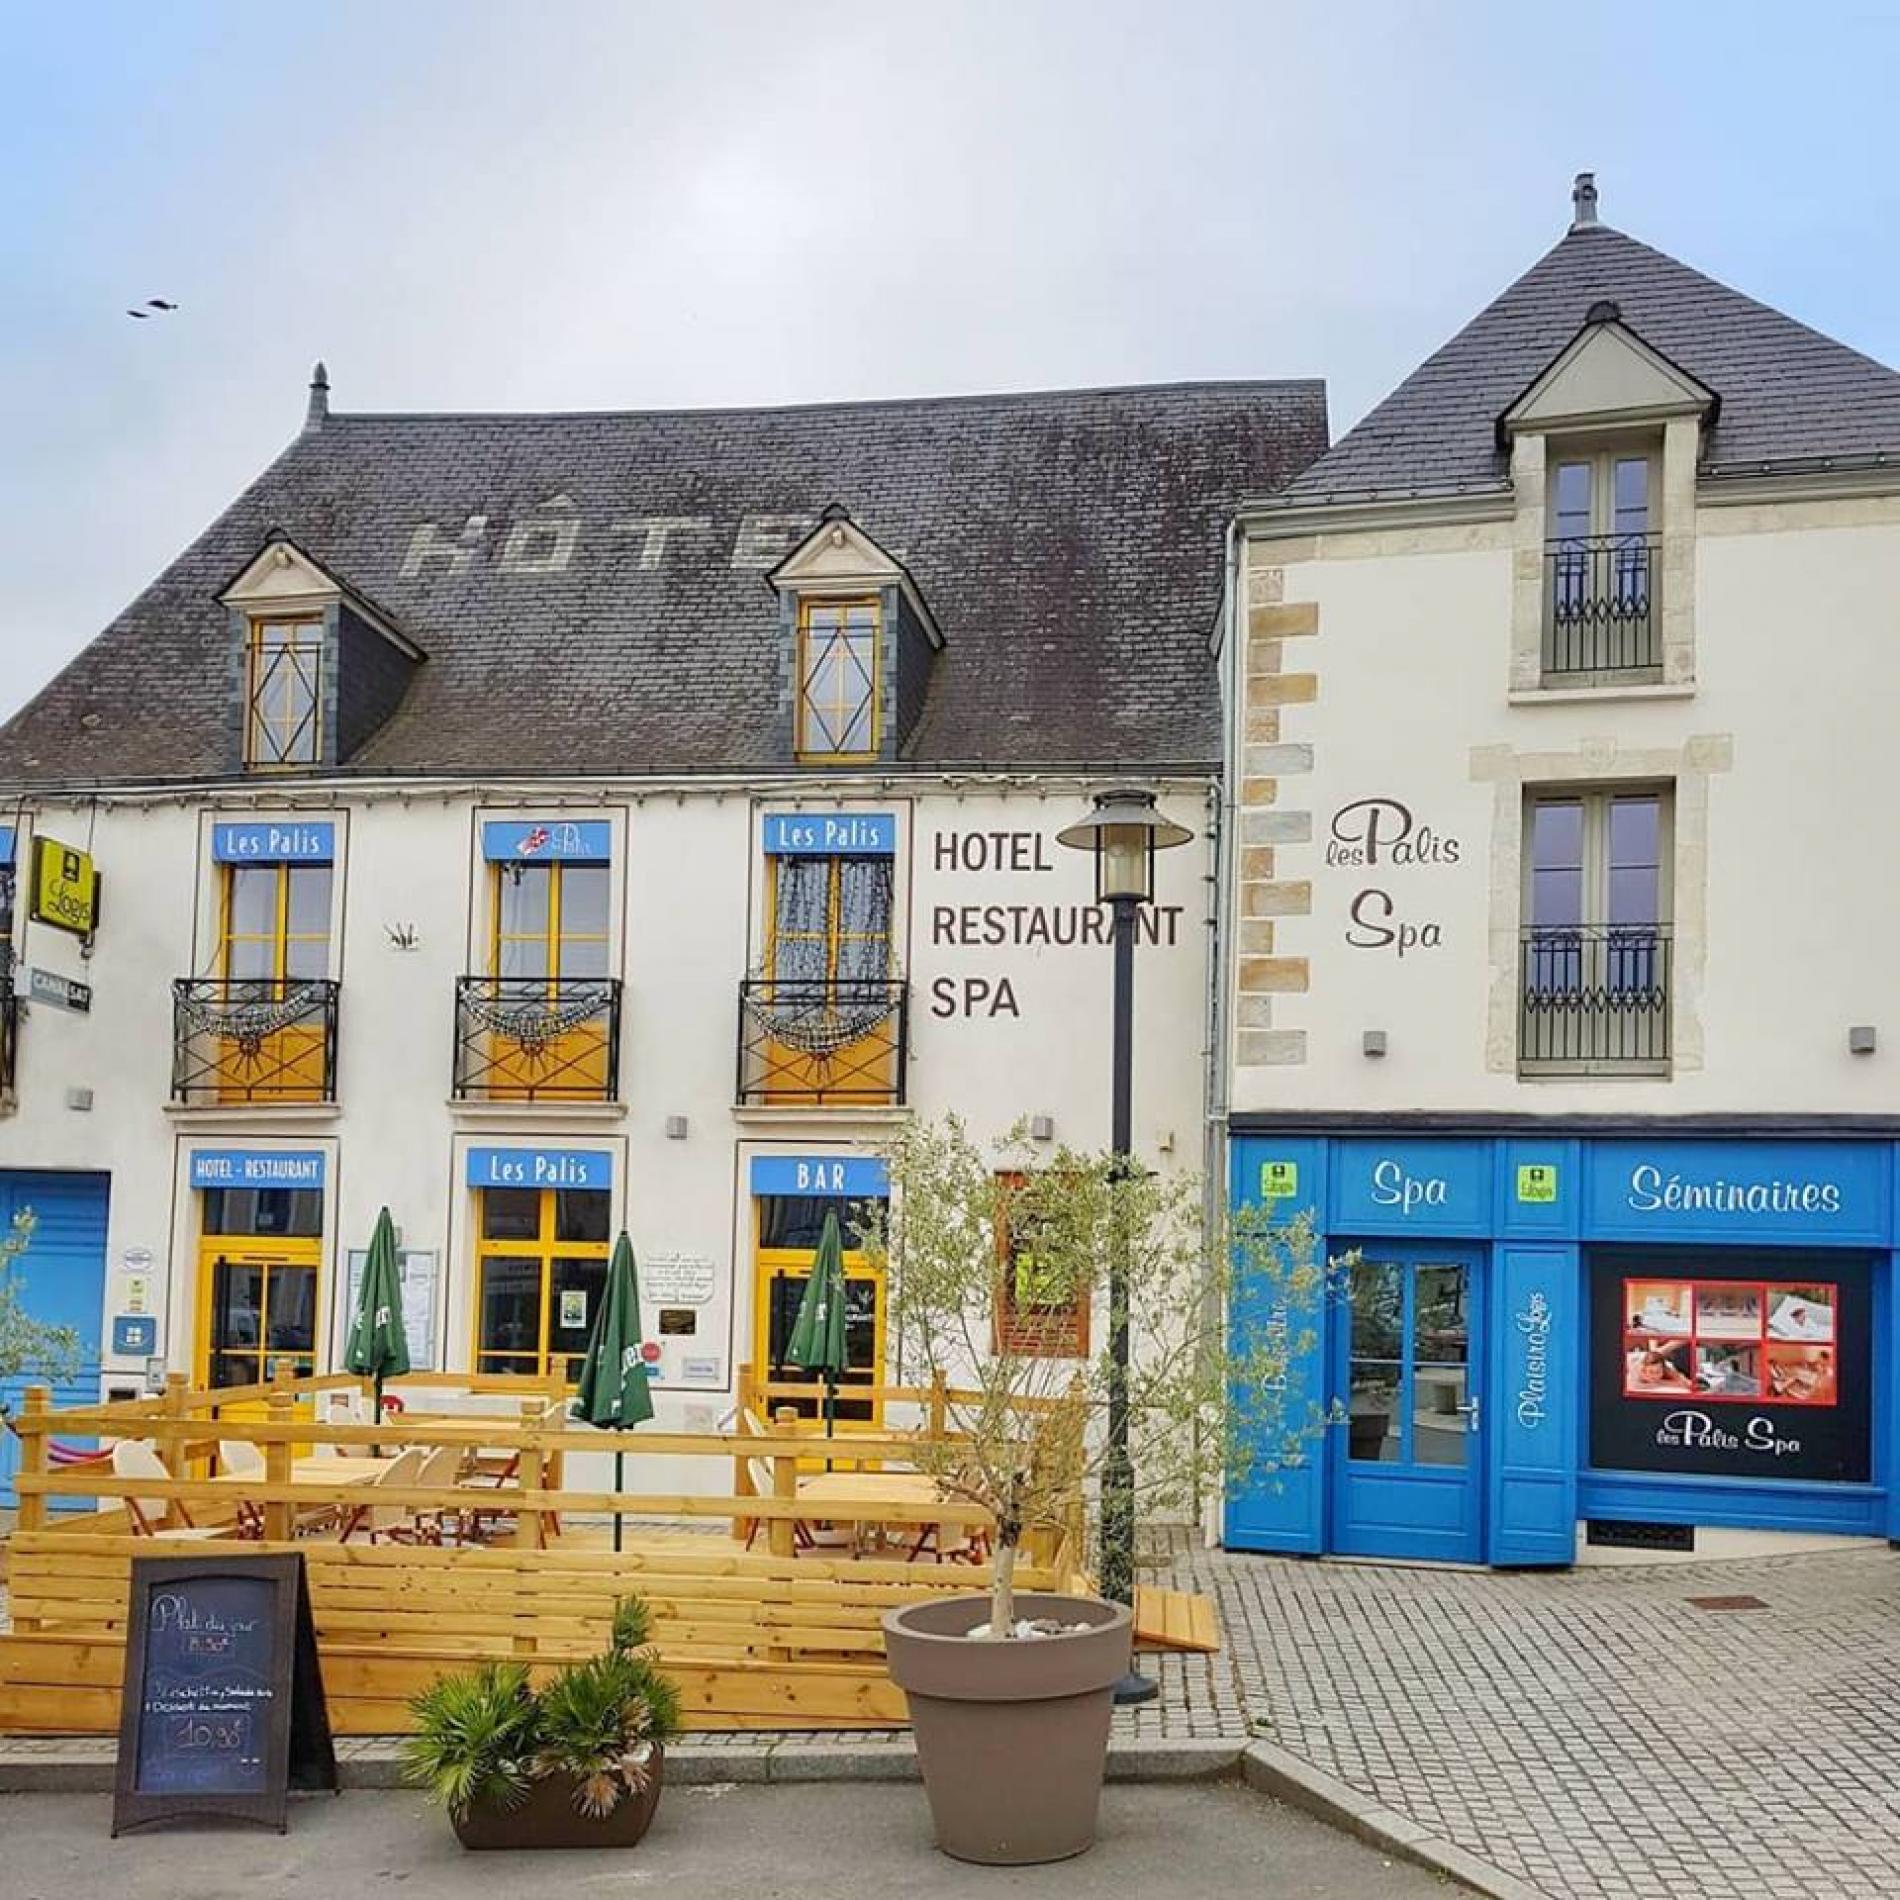 Les Palis - Hotel de charme en Normandie